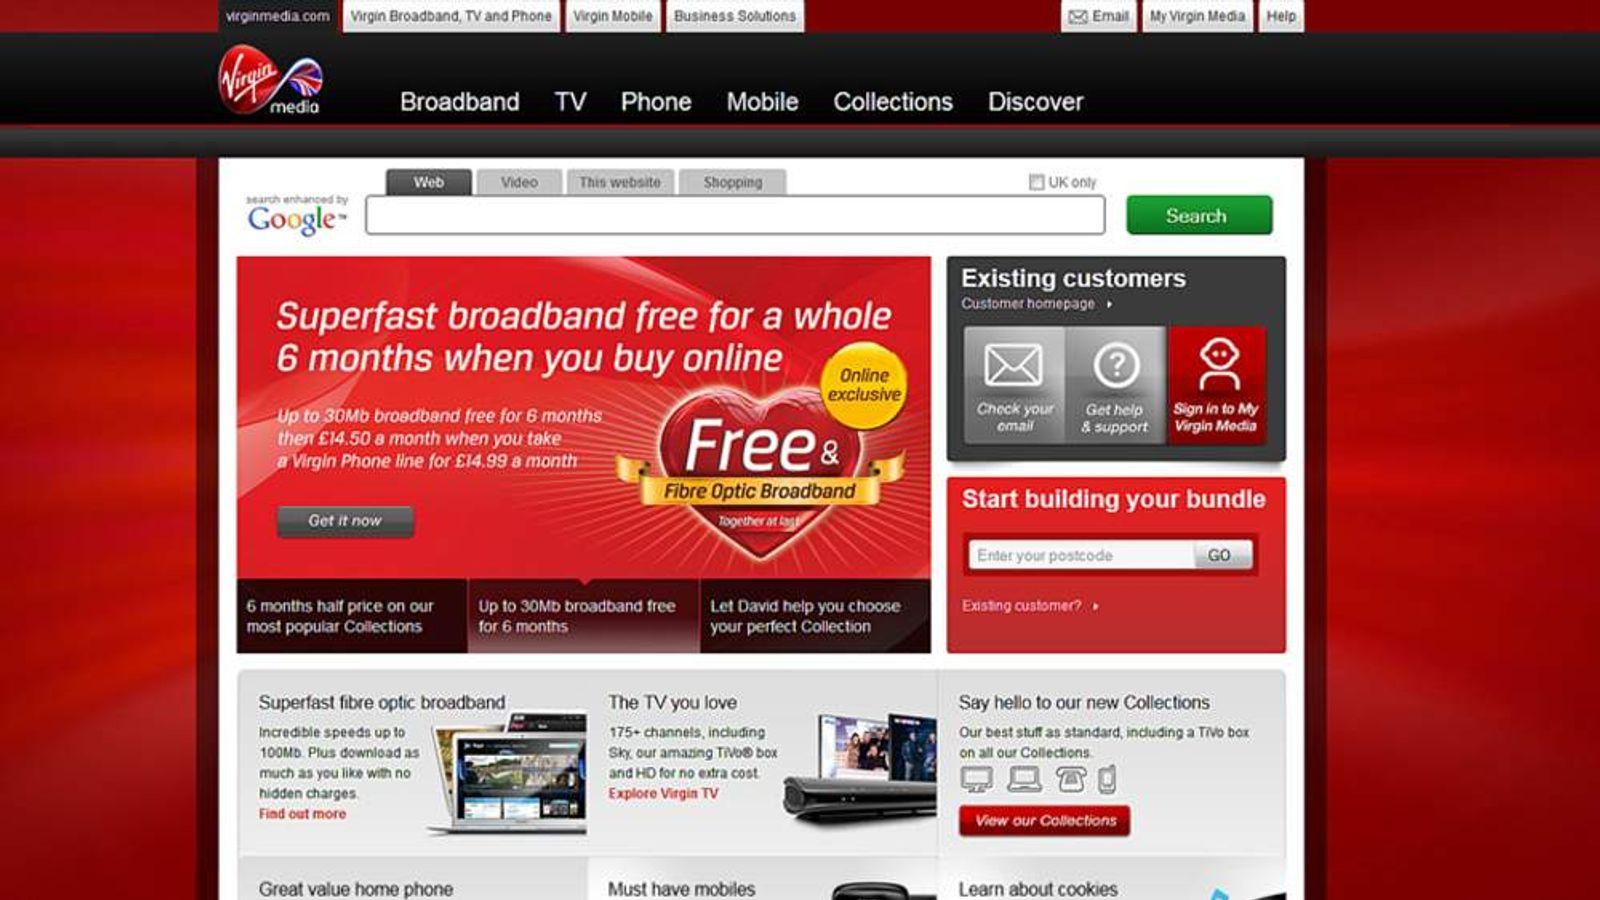 The Virgin Media website